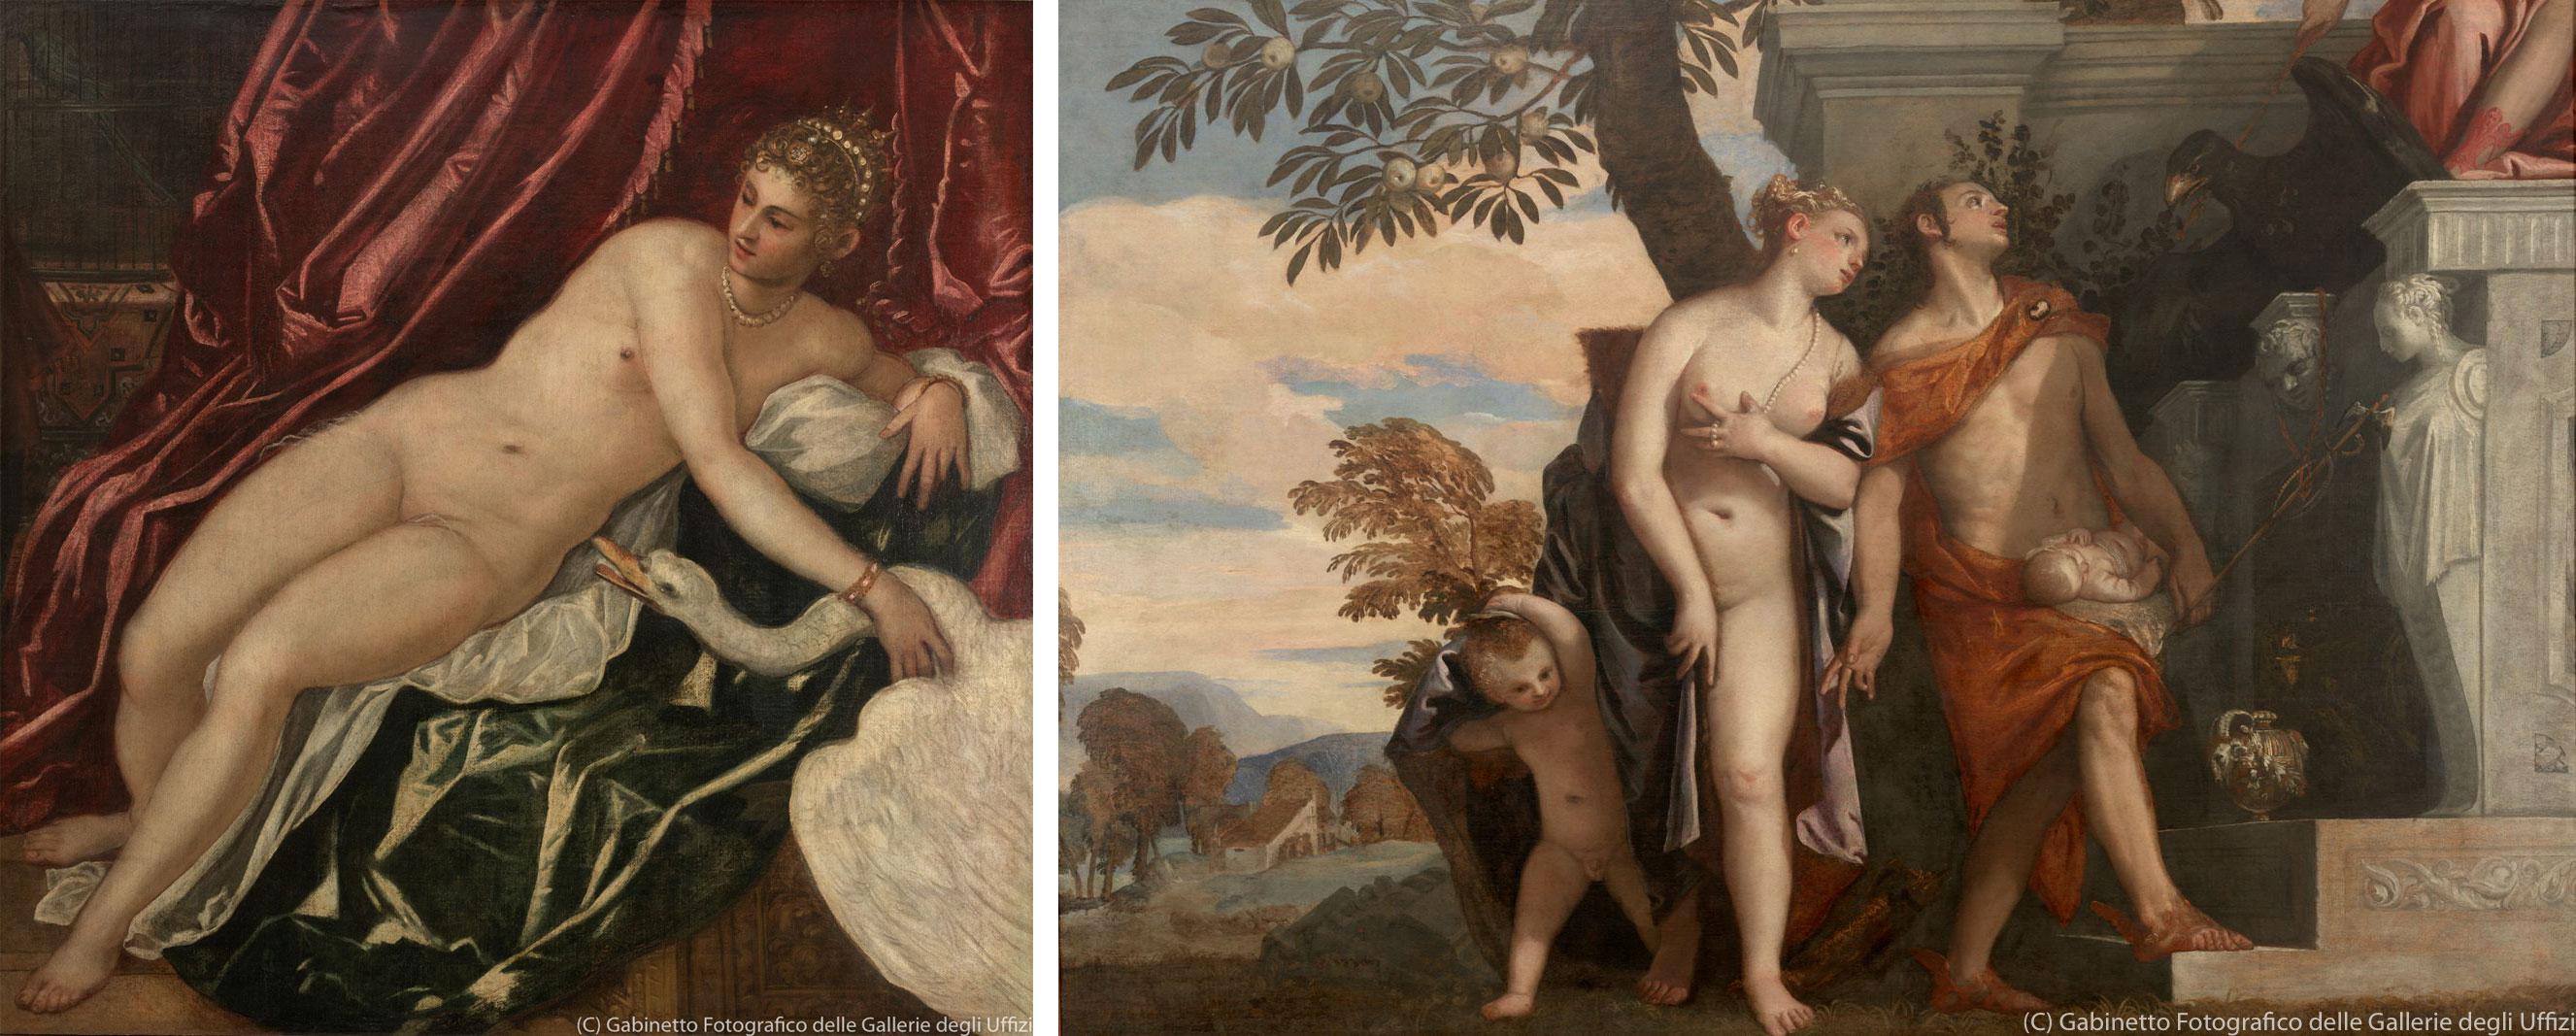 左)ティントレット(ヤコポ・ロブスティ)の《レダと白鳥》(1551-55年、ウフィツィ美術館) 右)パオロ・ヴェロネーゼの《息子アンテロスをユピテルに示すヴィーナスとメリクリウス》(1561-65年頃、ウフィツィ美術館)